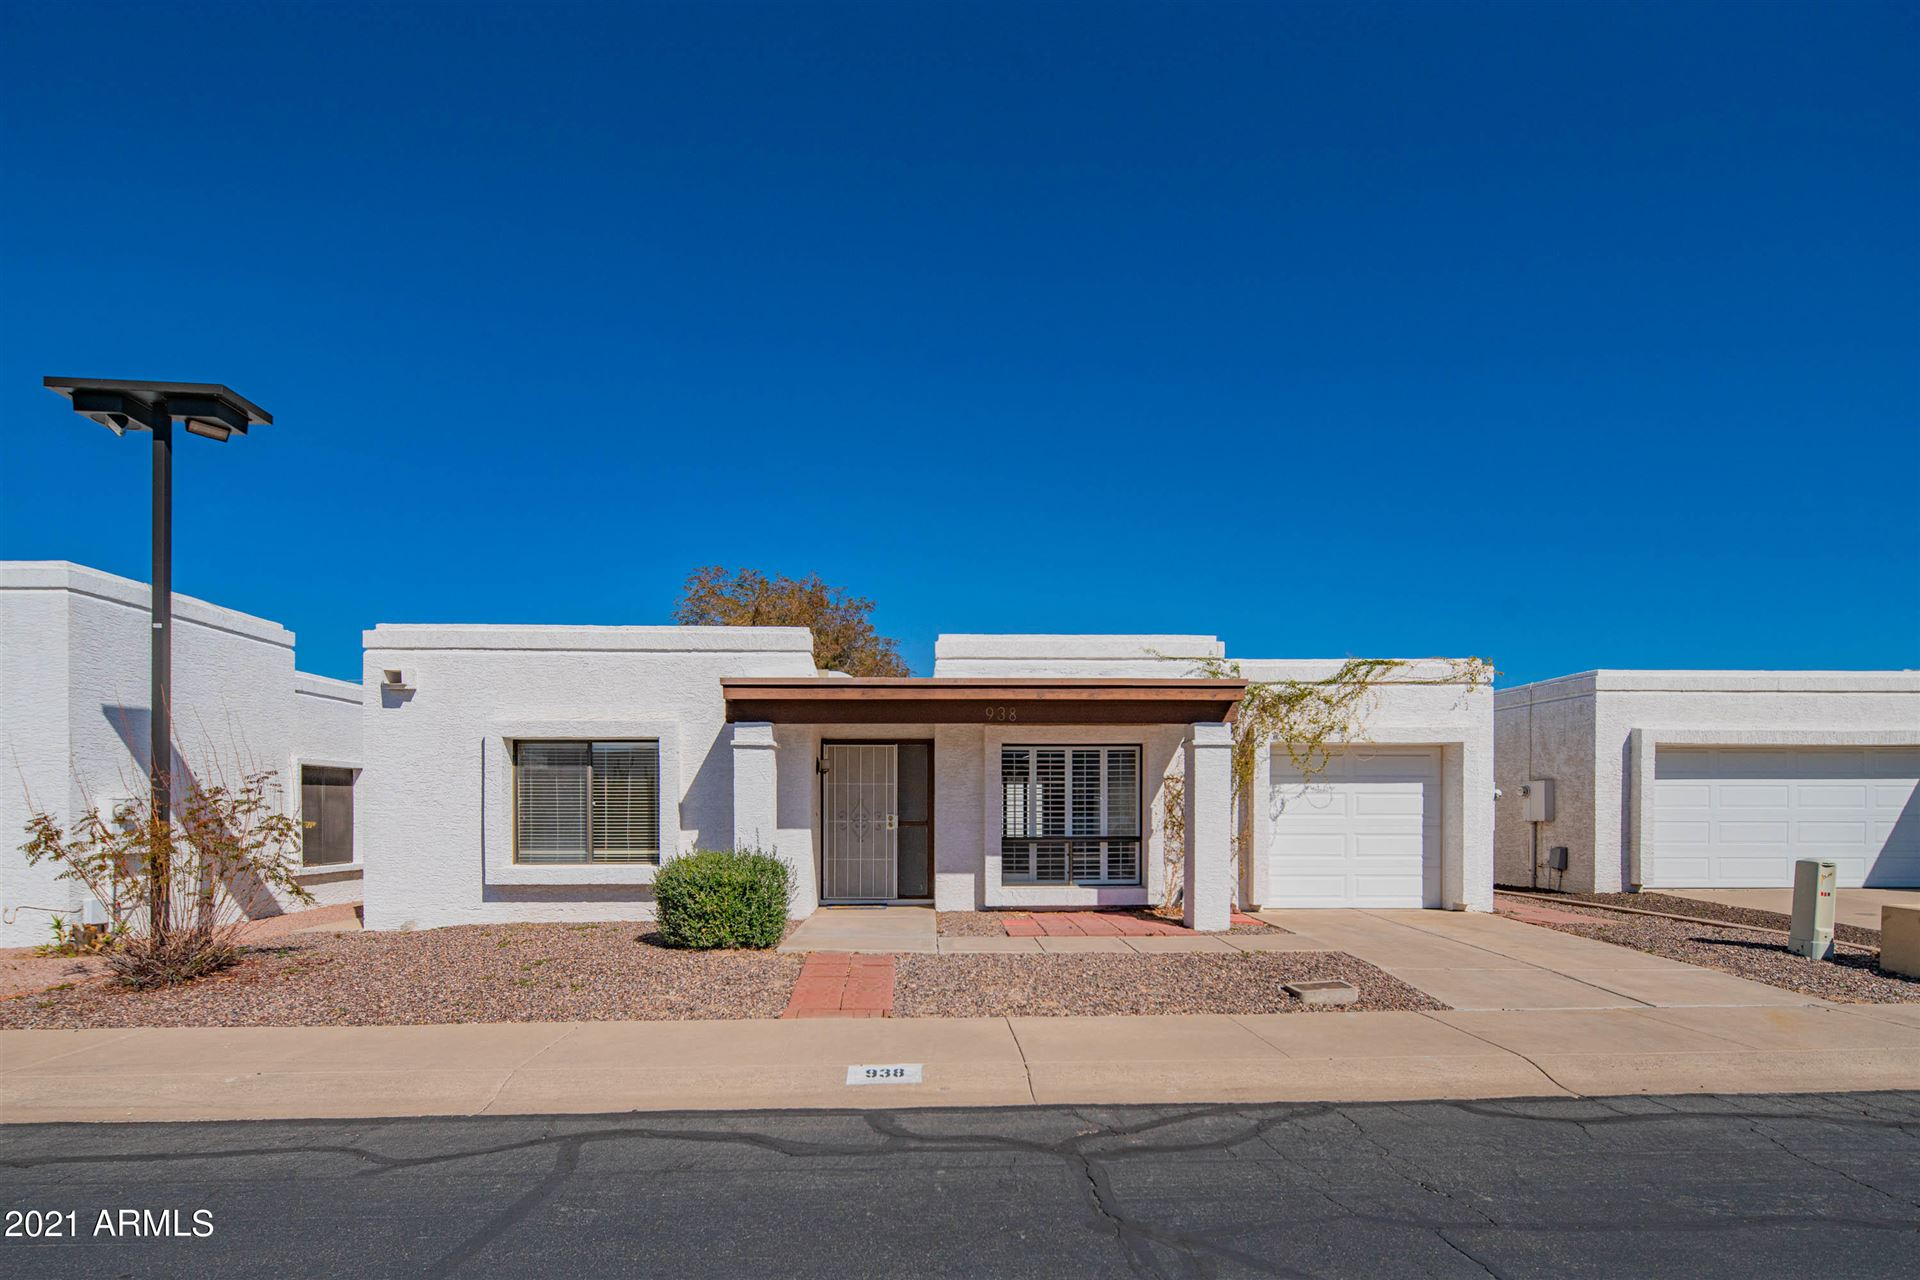 Photo of 938 E VILLA MARIA Drive, Phoenix, AZ 85022 (MLS # 6200783)